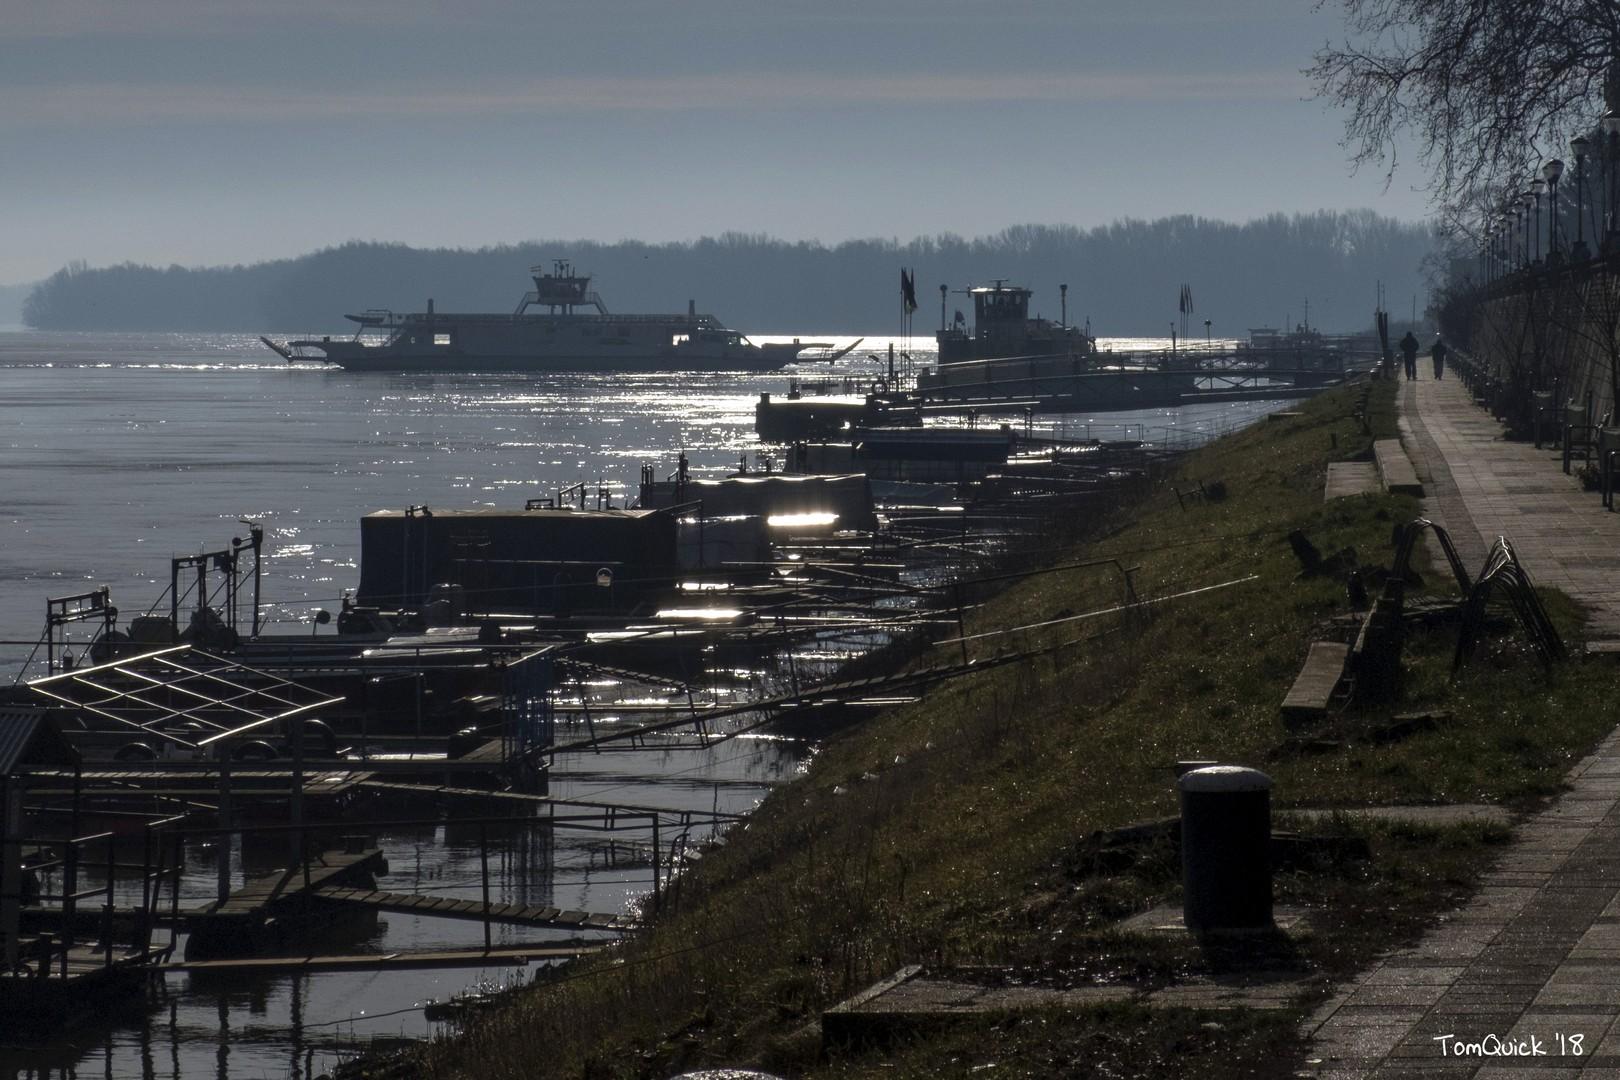 Duna - kishajó kikötő